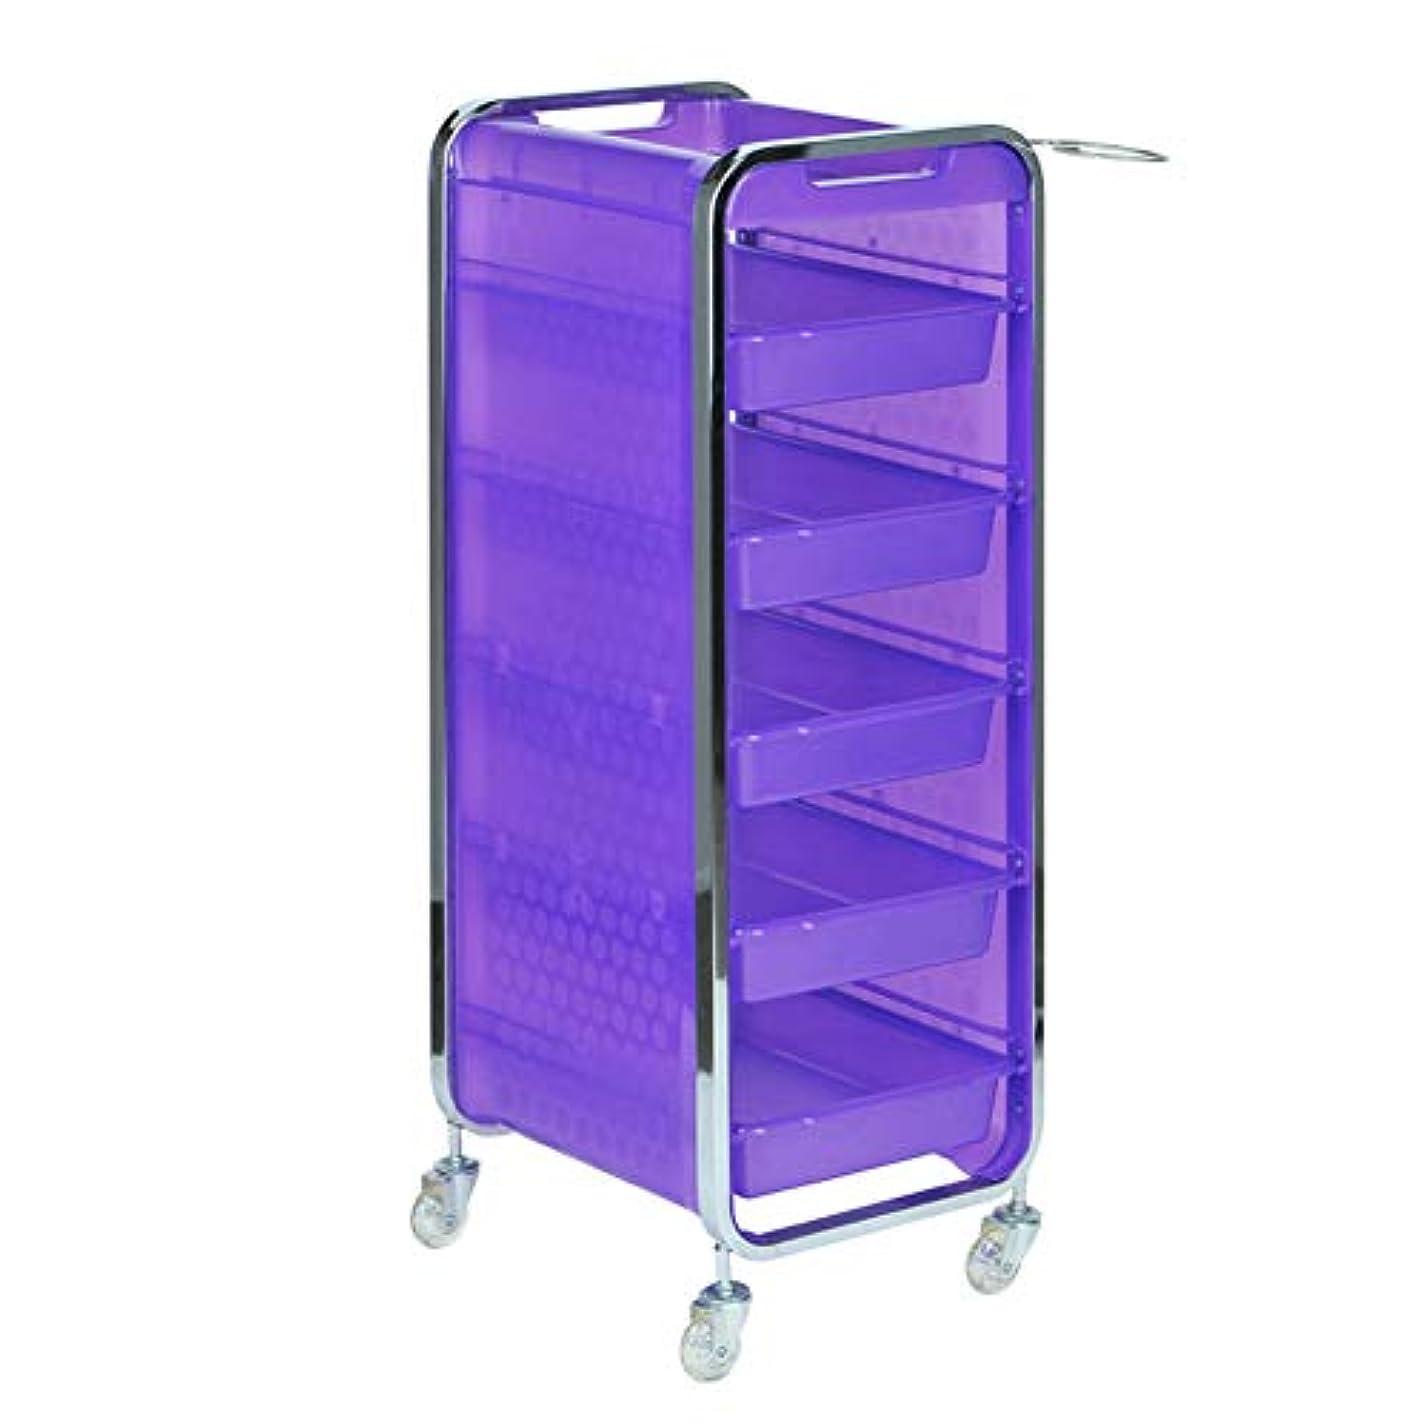 クラッシュドライバオプションサロン美容院トロリー美容美容収納カート6層トレイ多機能引き出し虹色,Purple,A